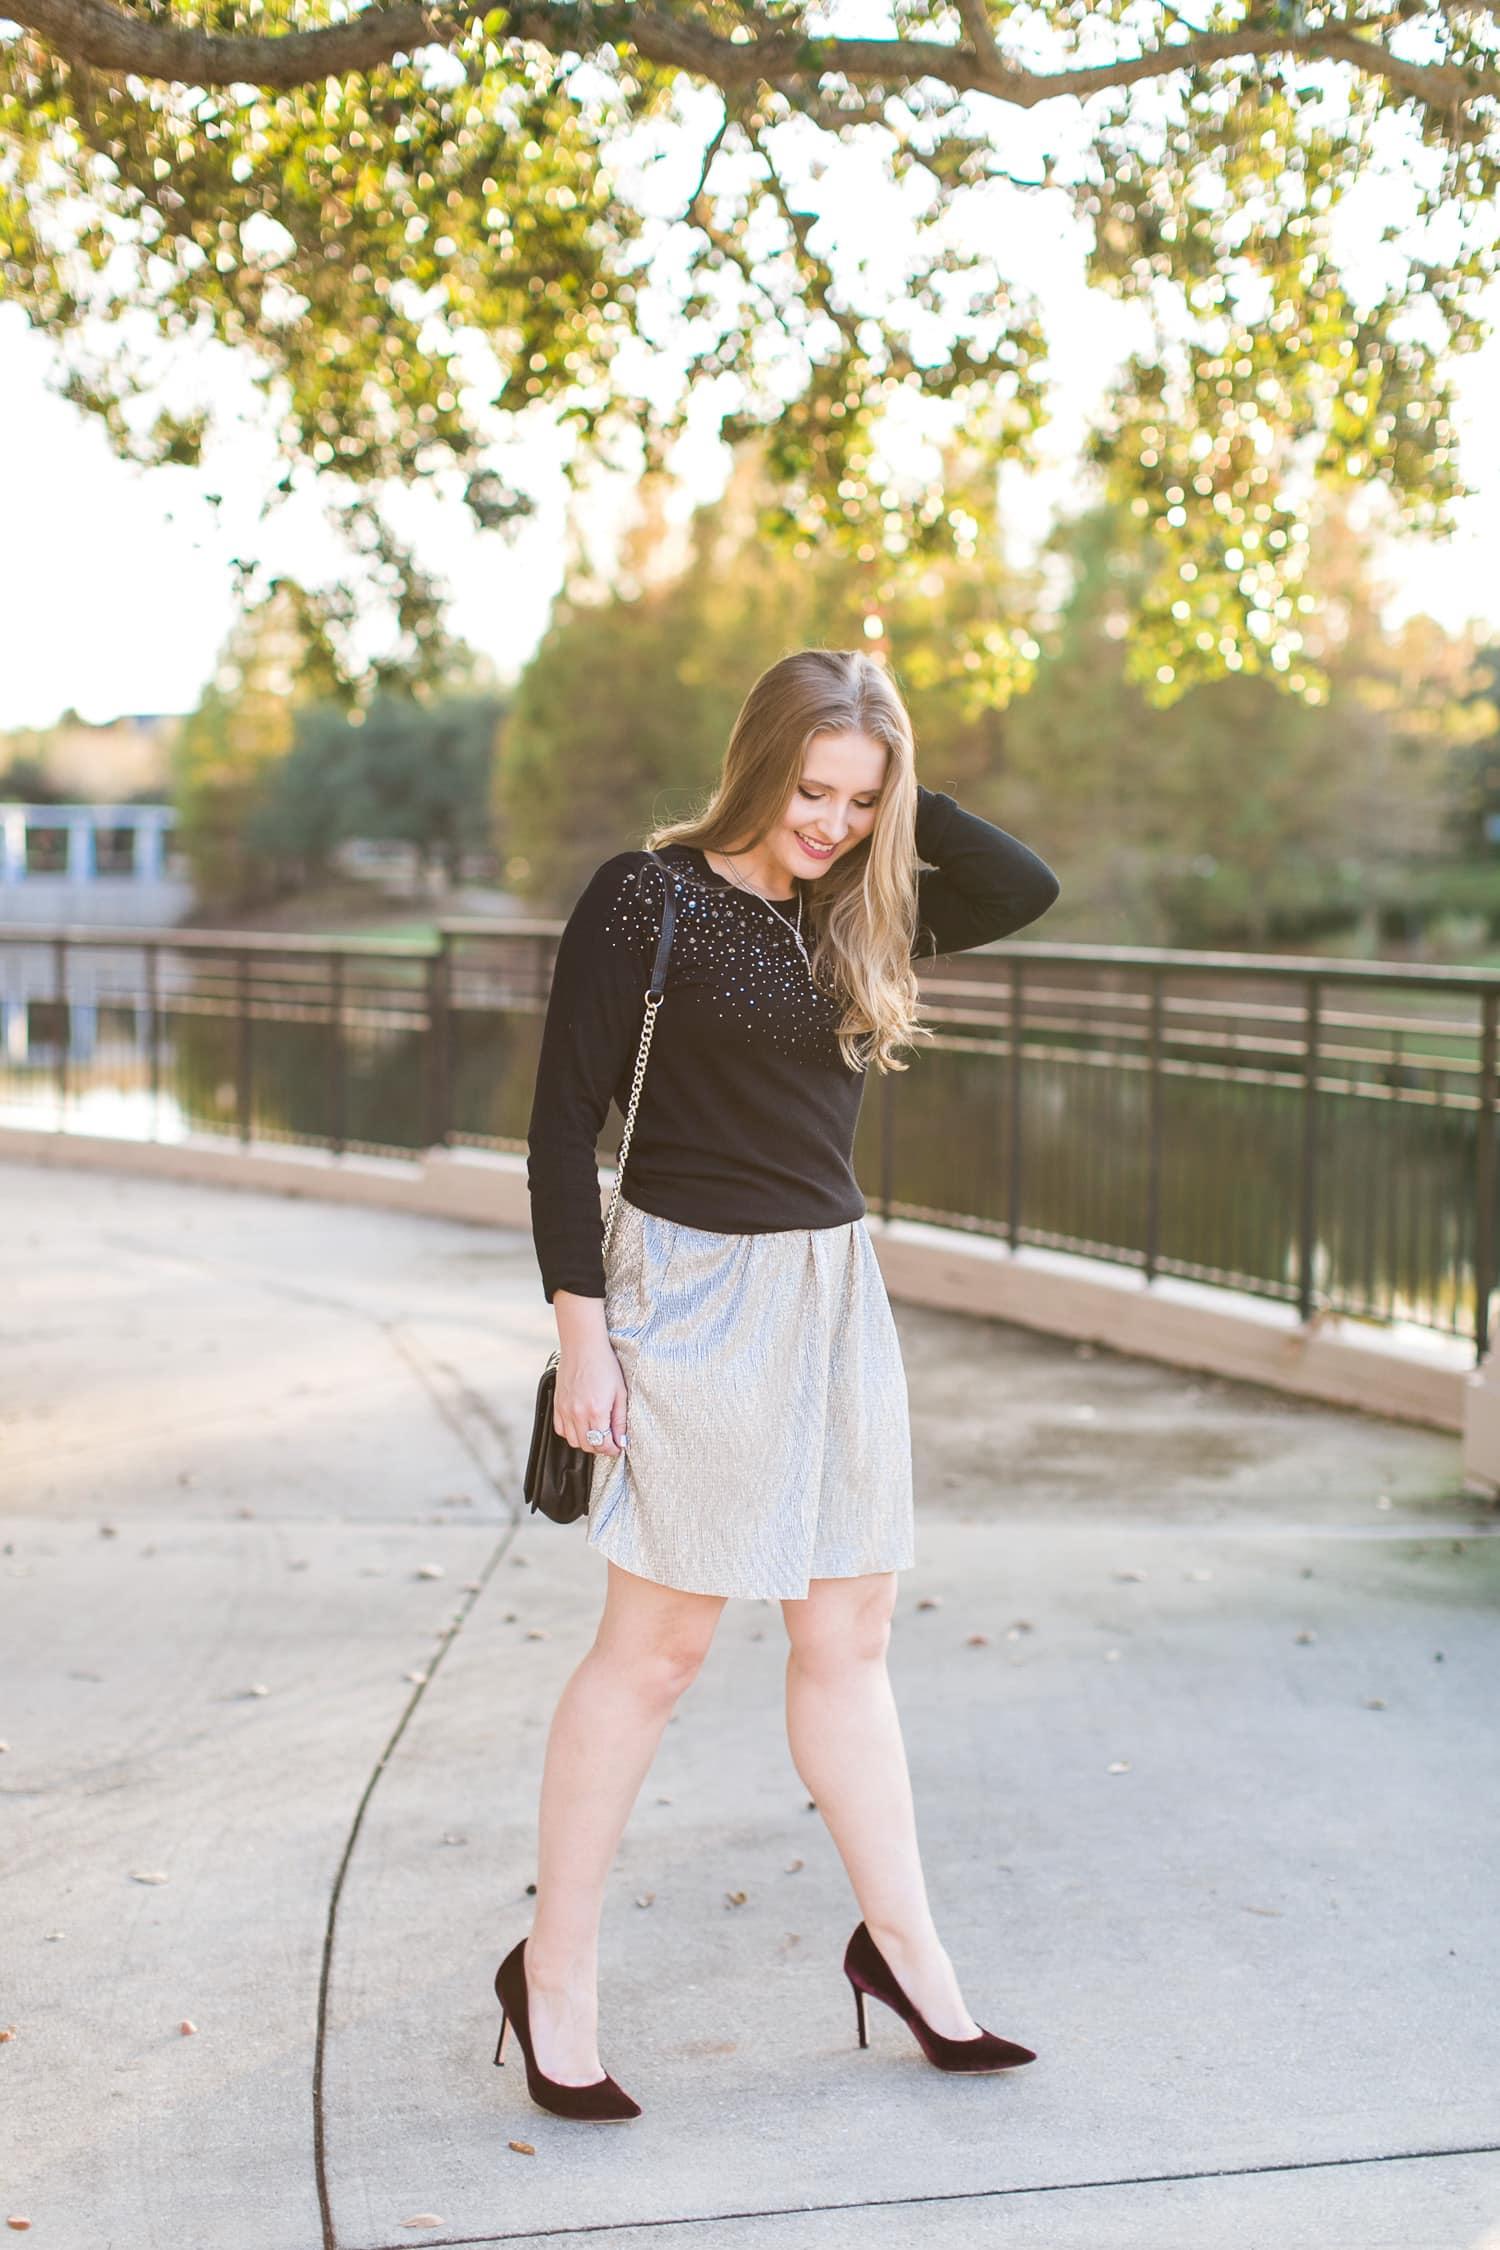 golden hour skirt sunset fashion